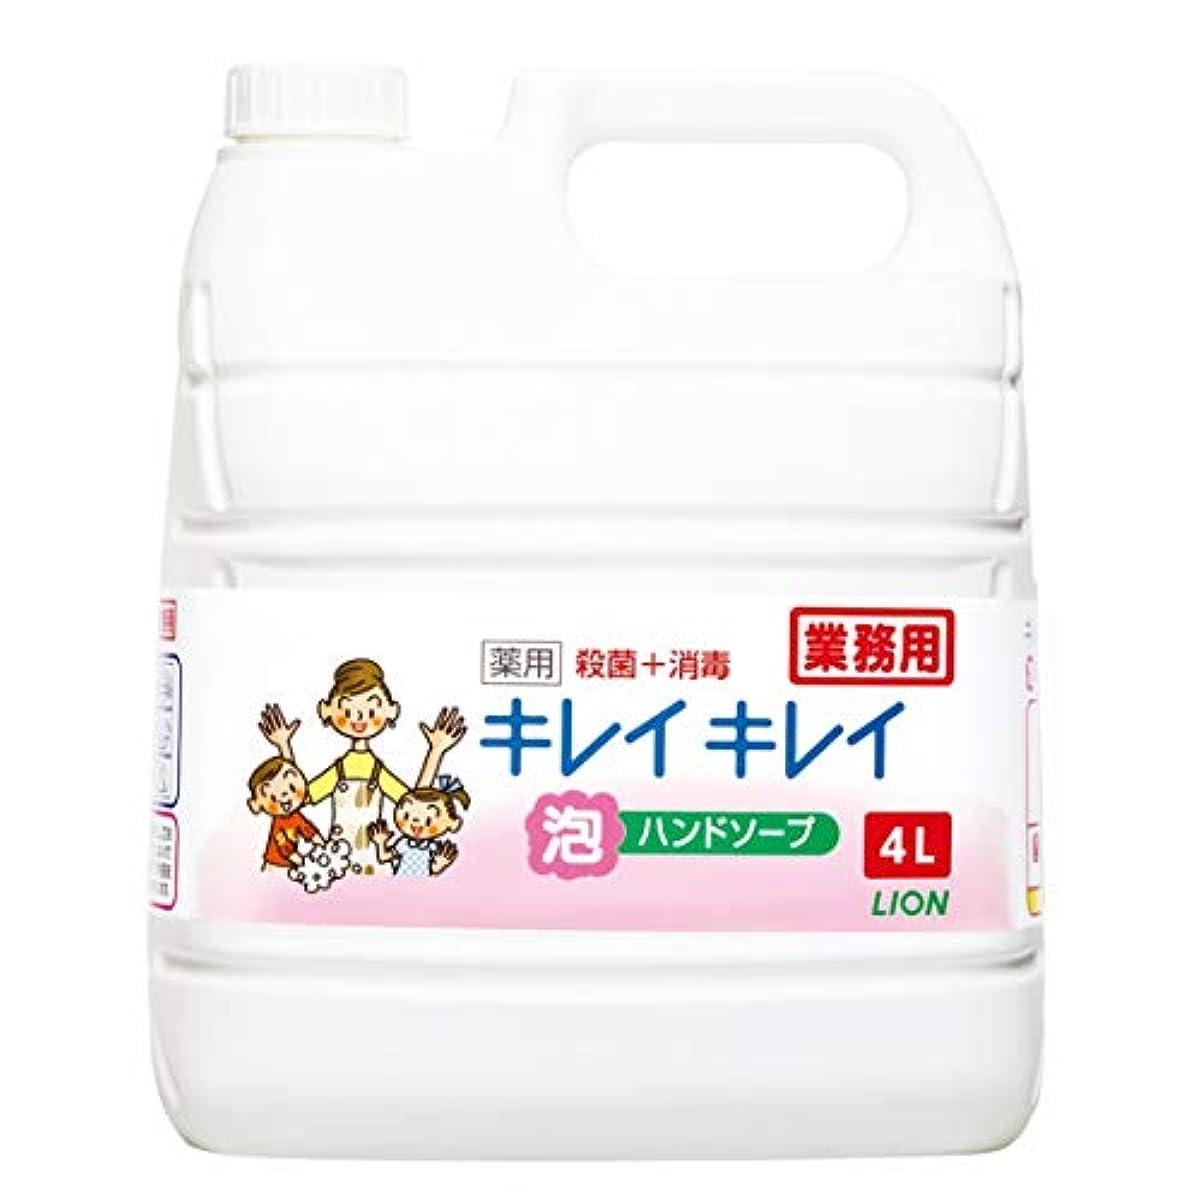 素晴らしきスリル回復【業務用 大容量】キレイキレイ 薬用 泡ハンドソープ シトラスフルーティの香り 4L(医薬部外品)